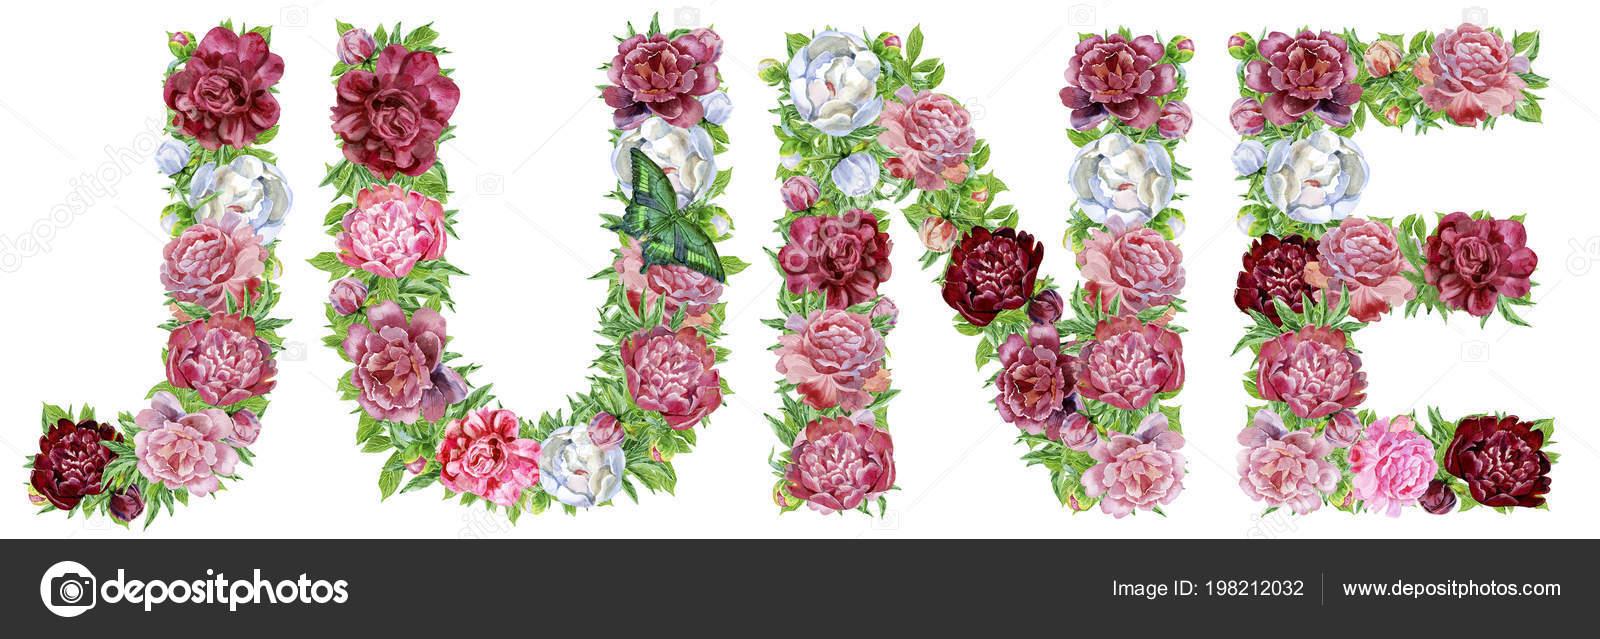 Juni Von Aquarell Blumen Isolierte Handgezeichnete Auf Weissem